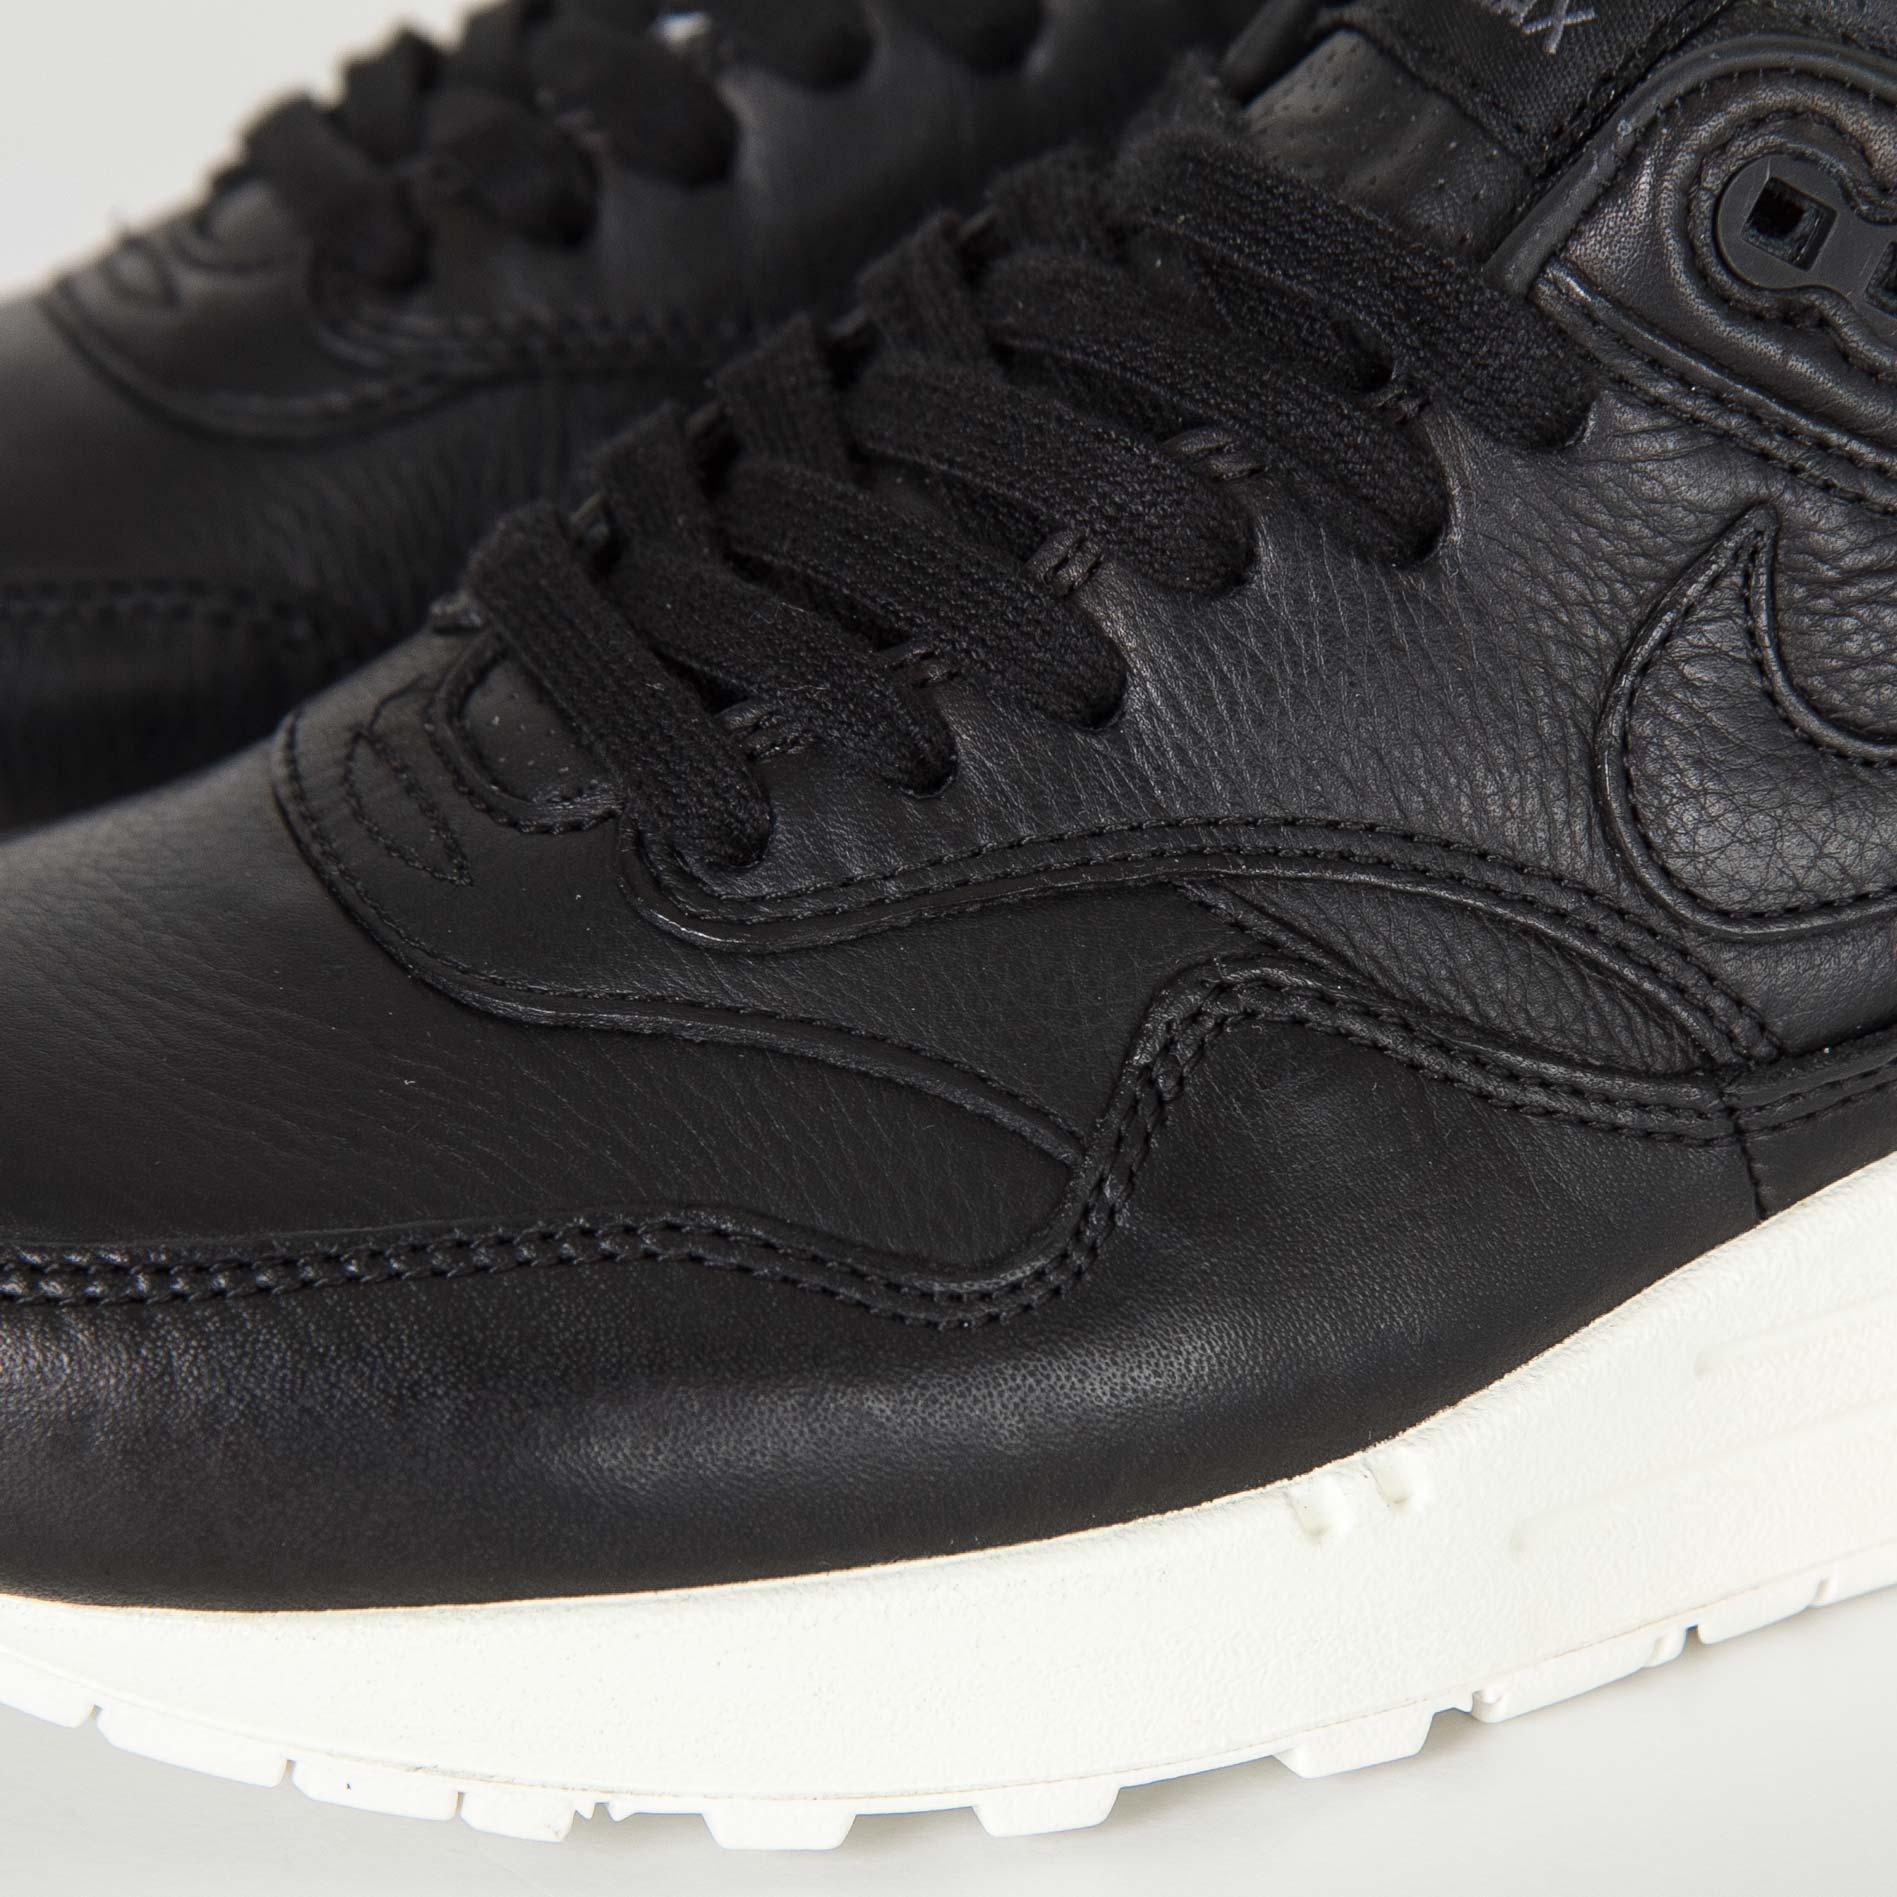 hot sale online adb6e 63f7e ... Nike Wmns Air Max 1 Pinnacle